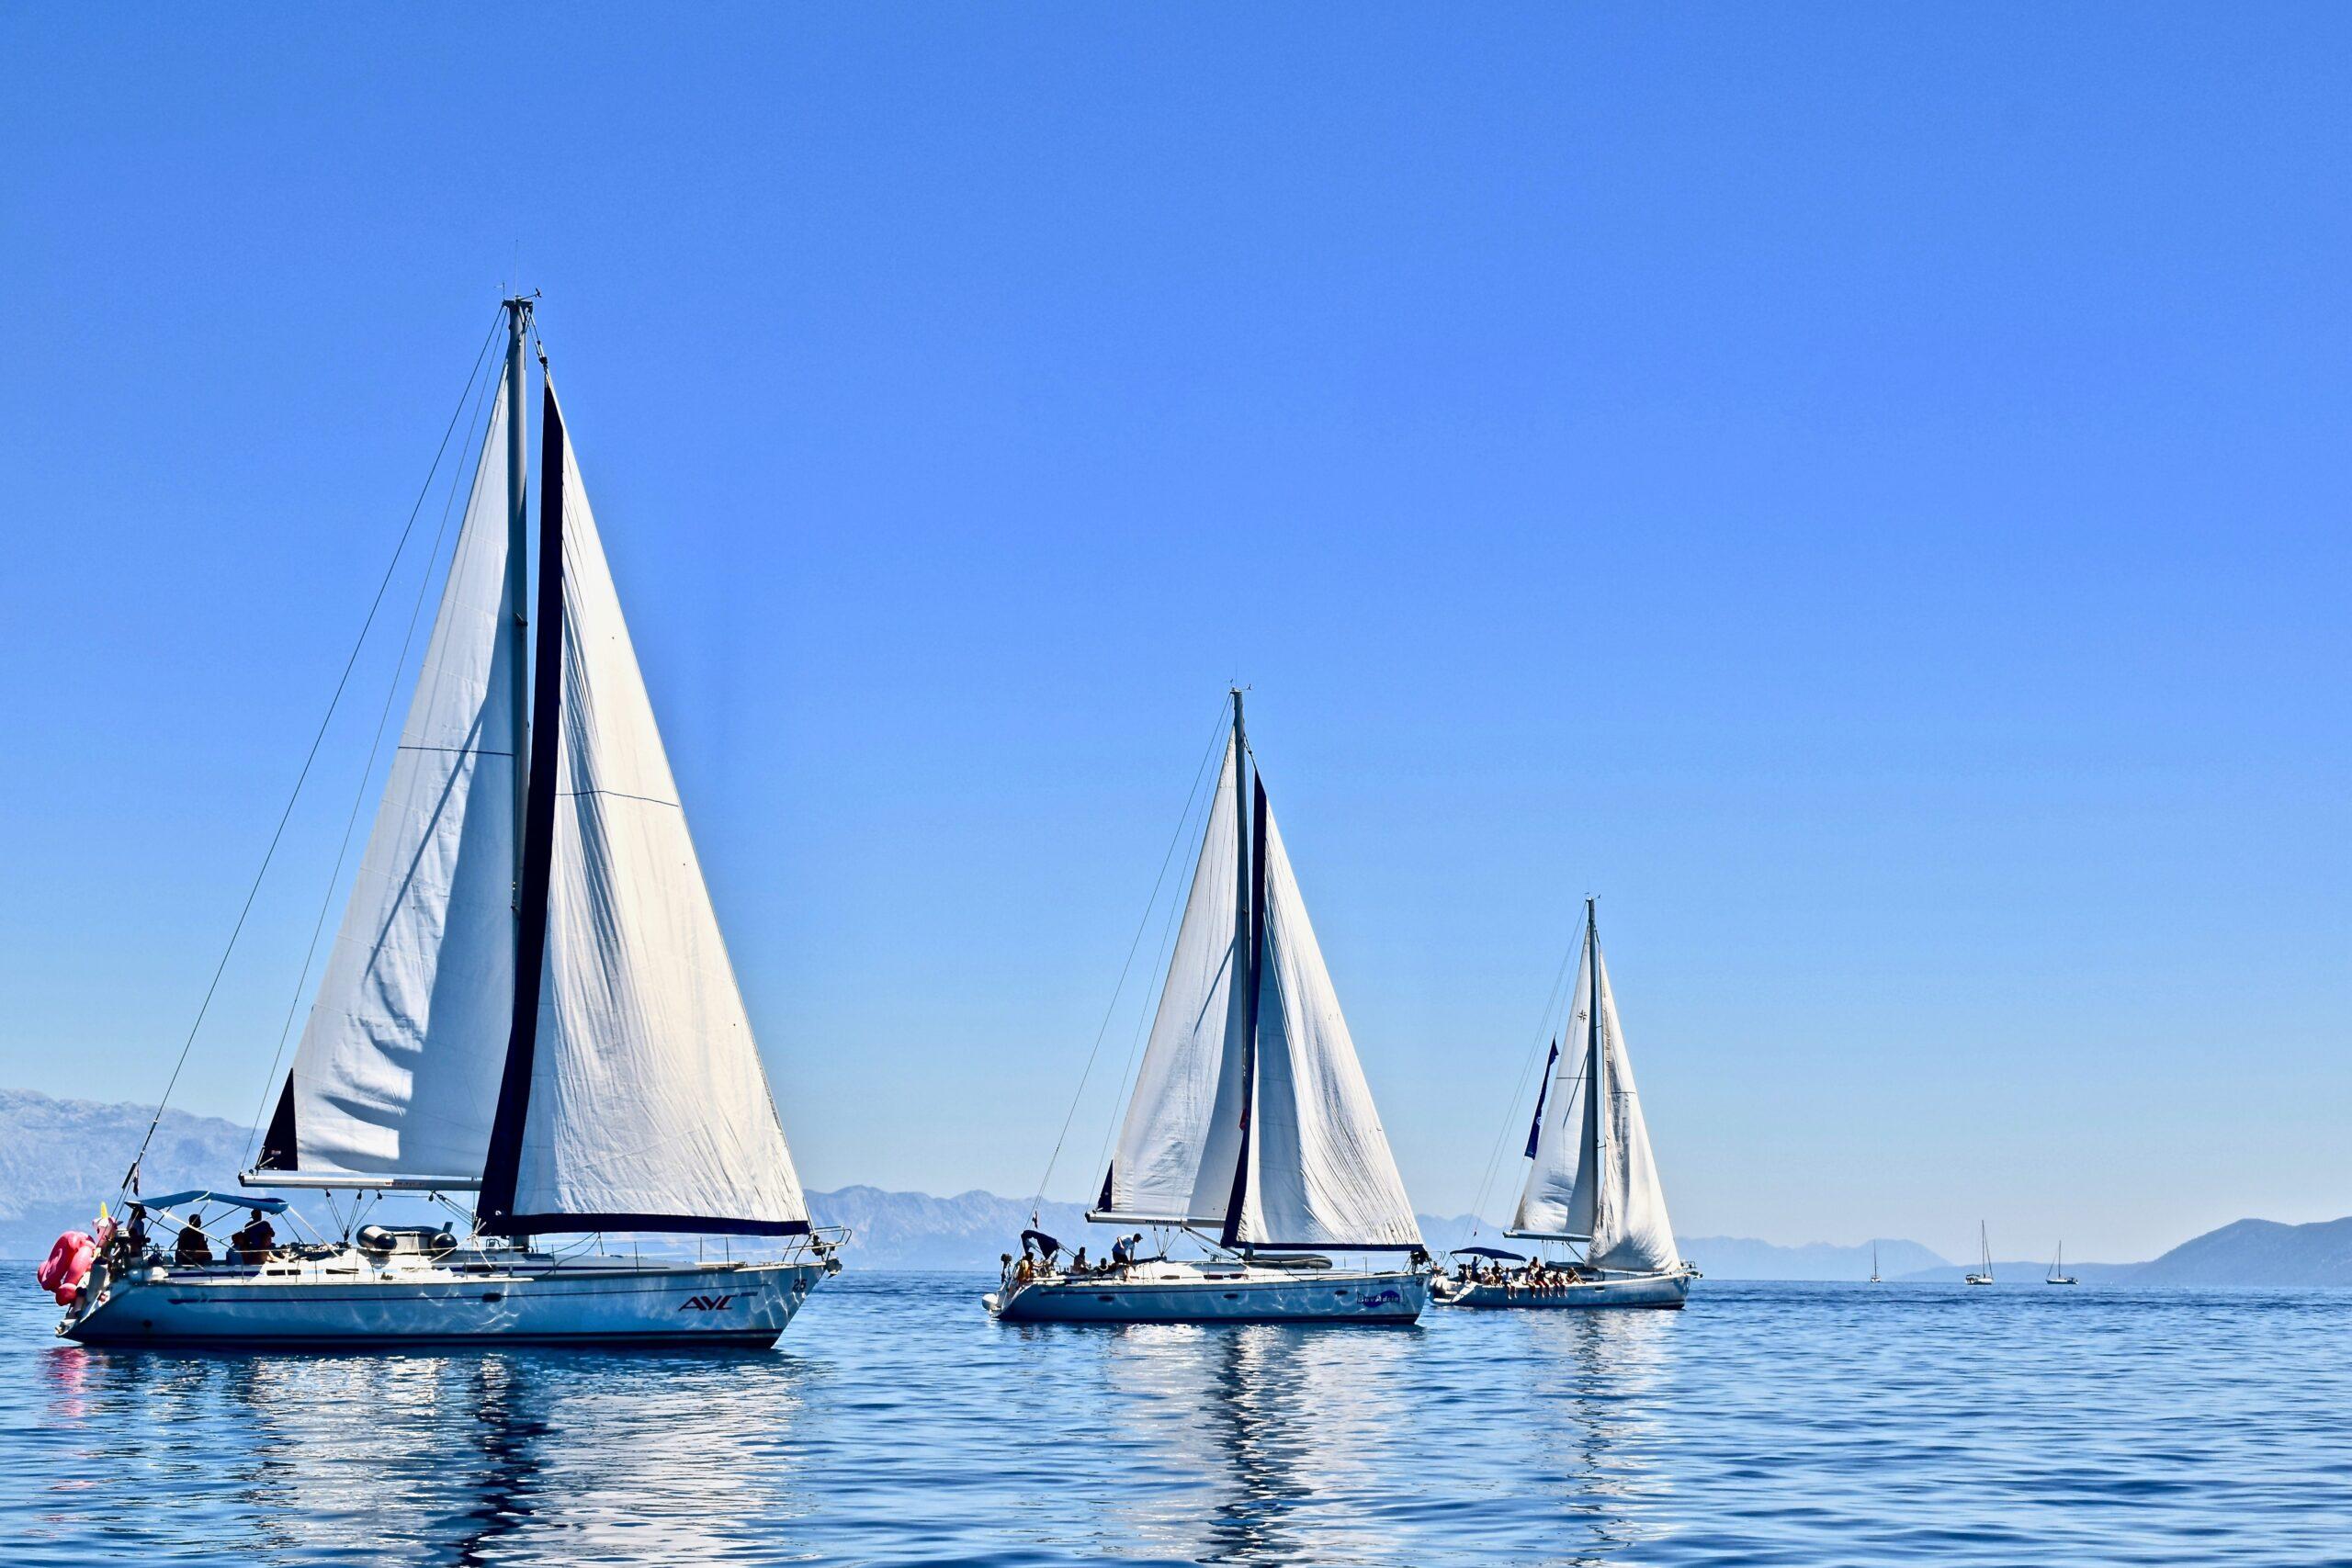 trip to sail boat|sail boats|sailboat|sailboats|sailing boat|sailing boats travel planner app